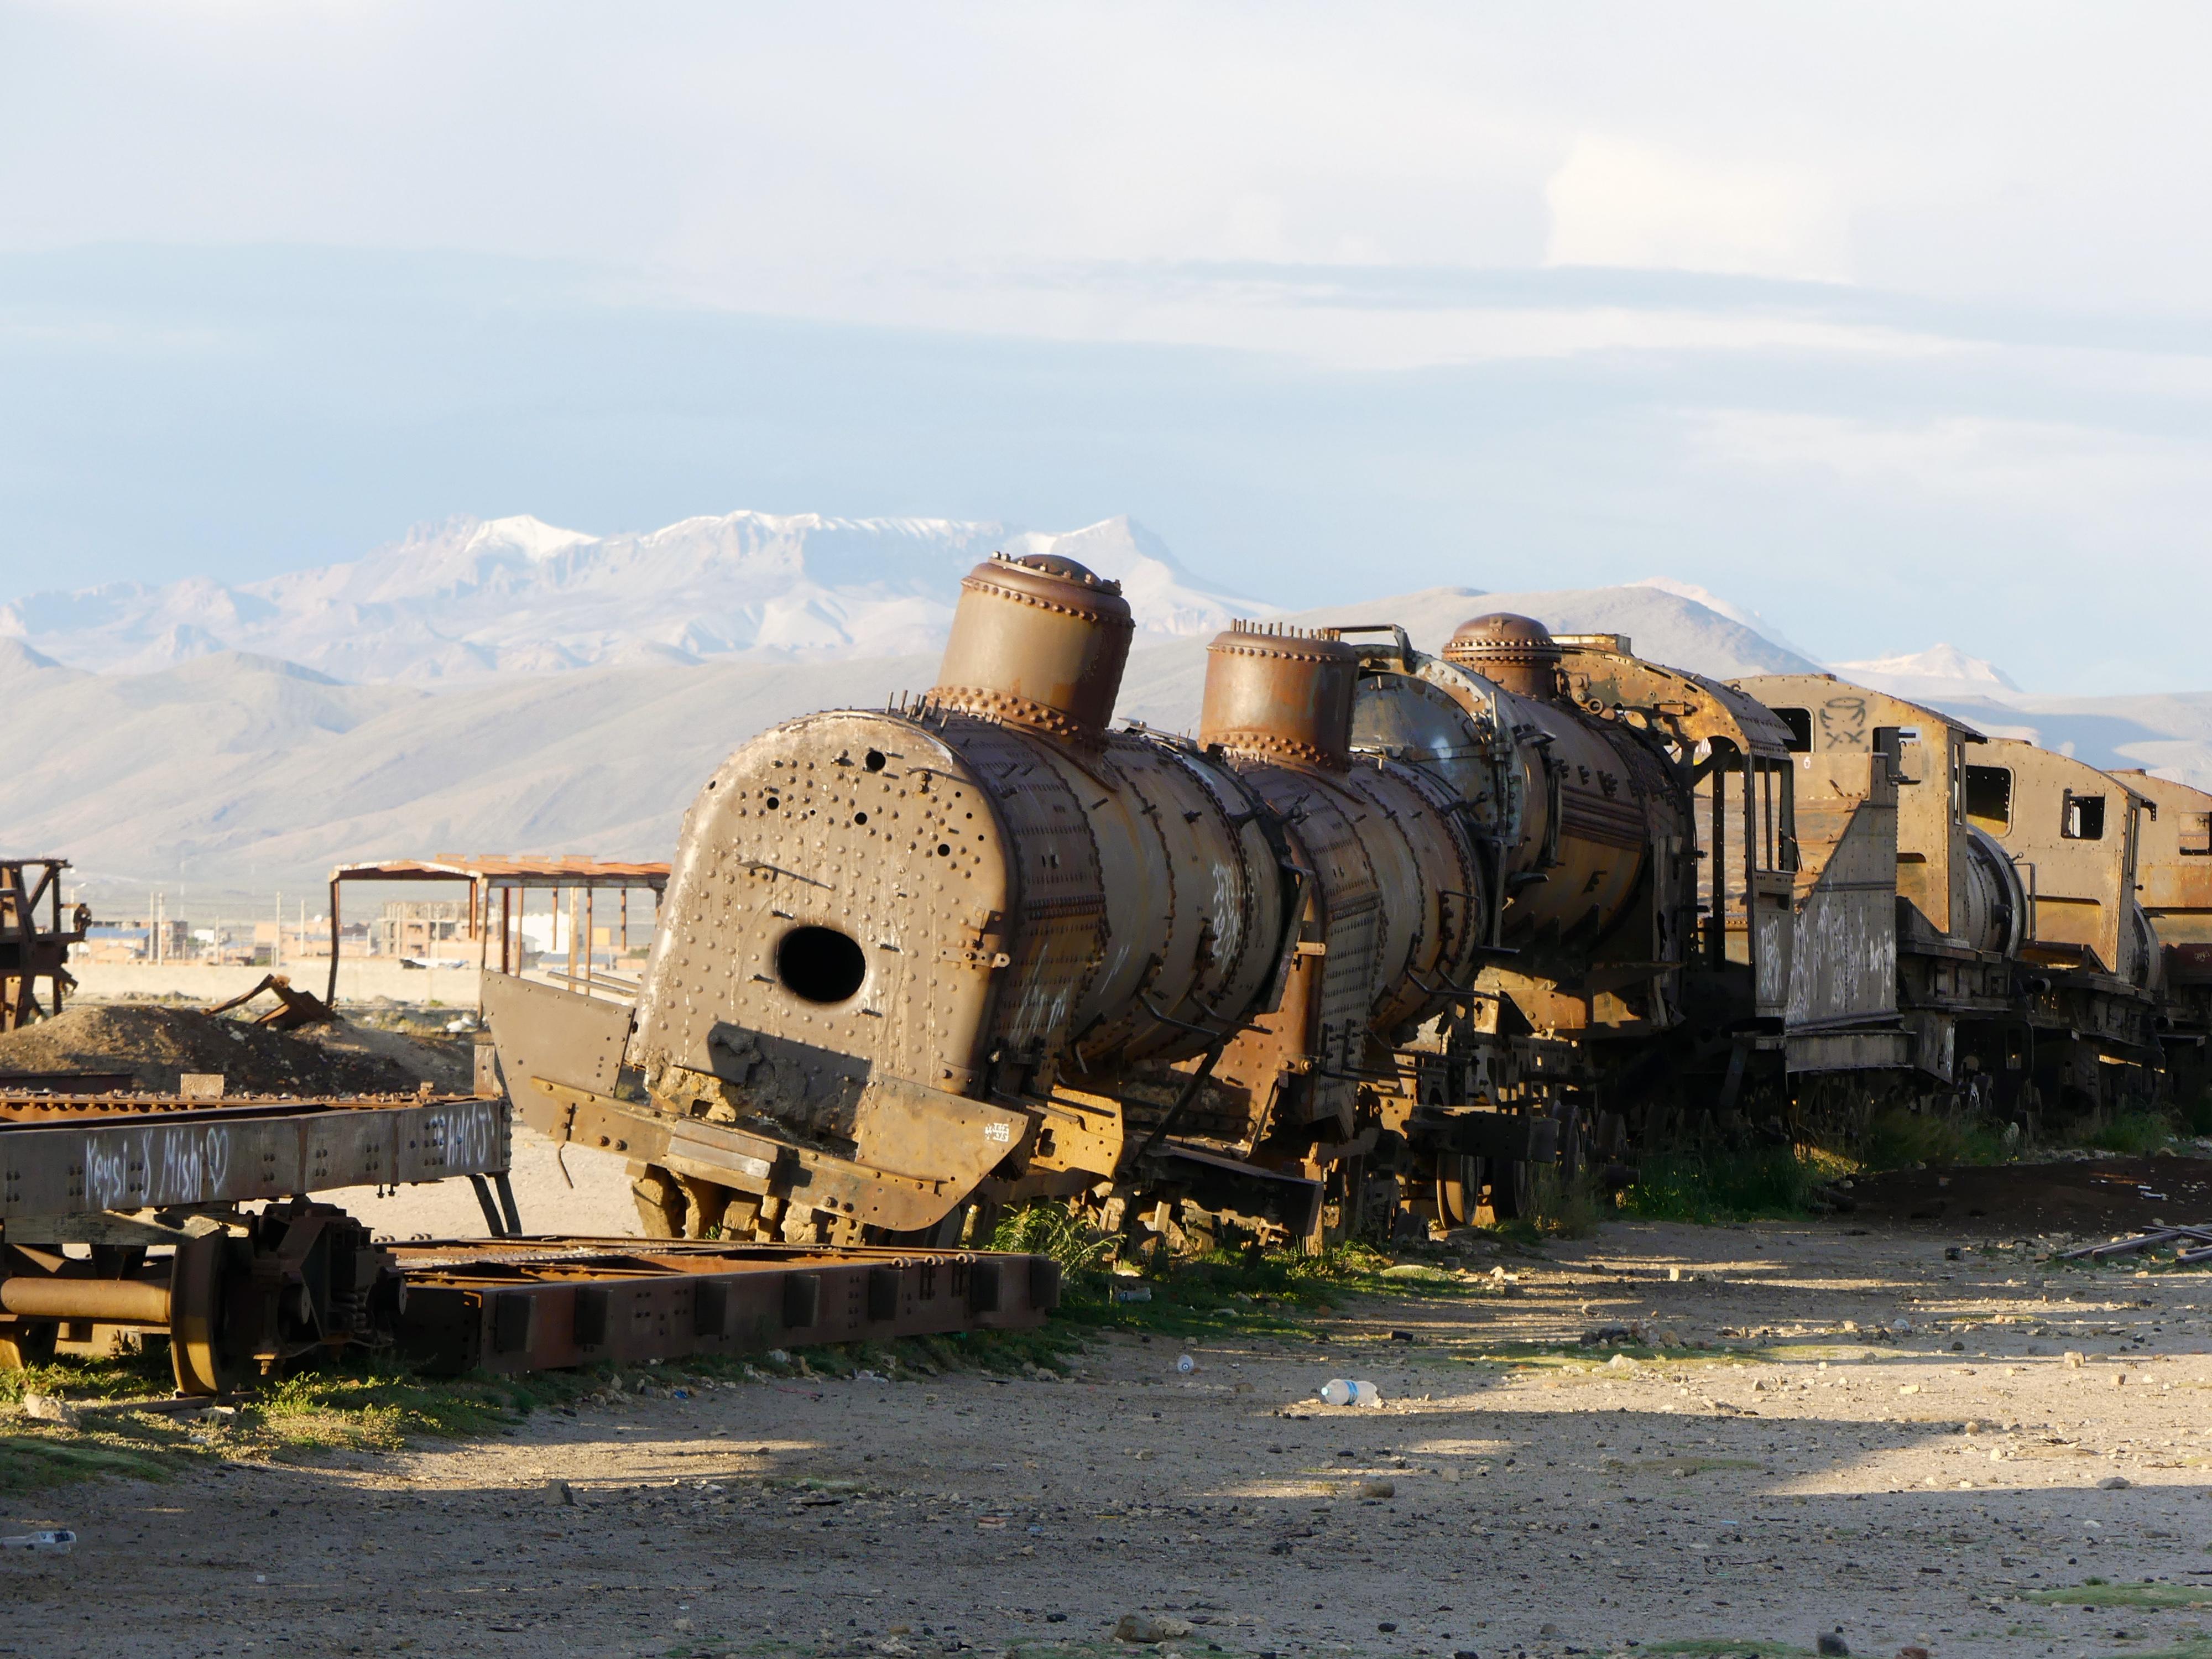 Cimetière de trains visite du soir (16)